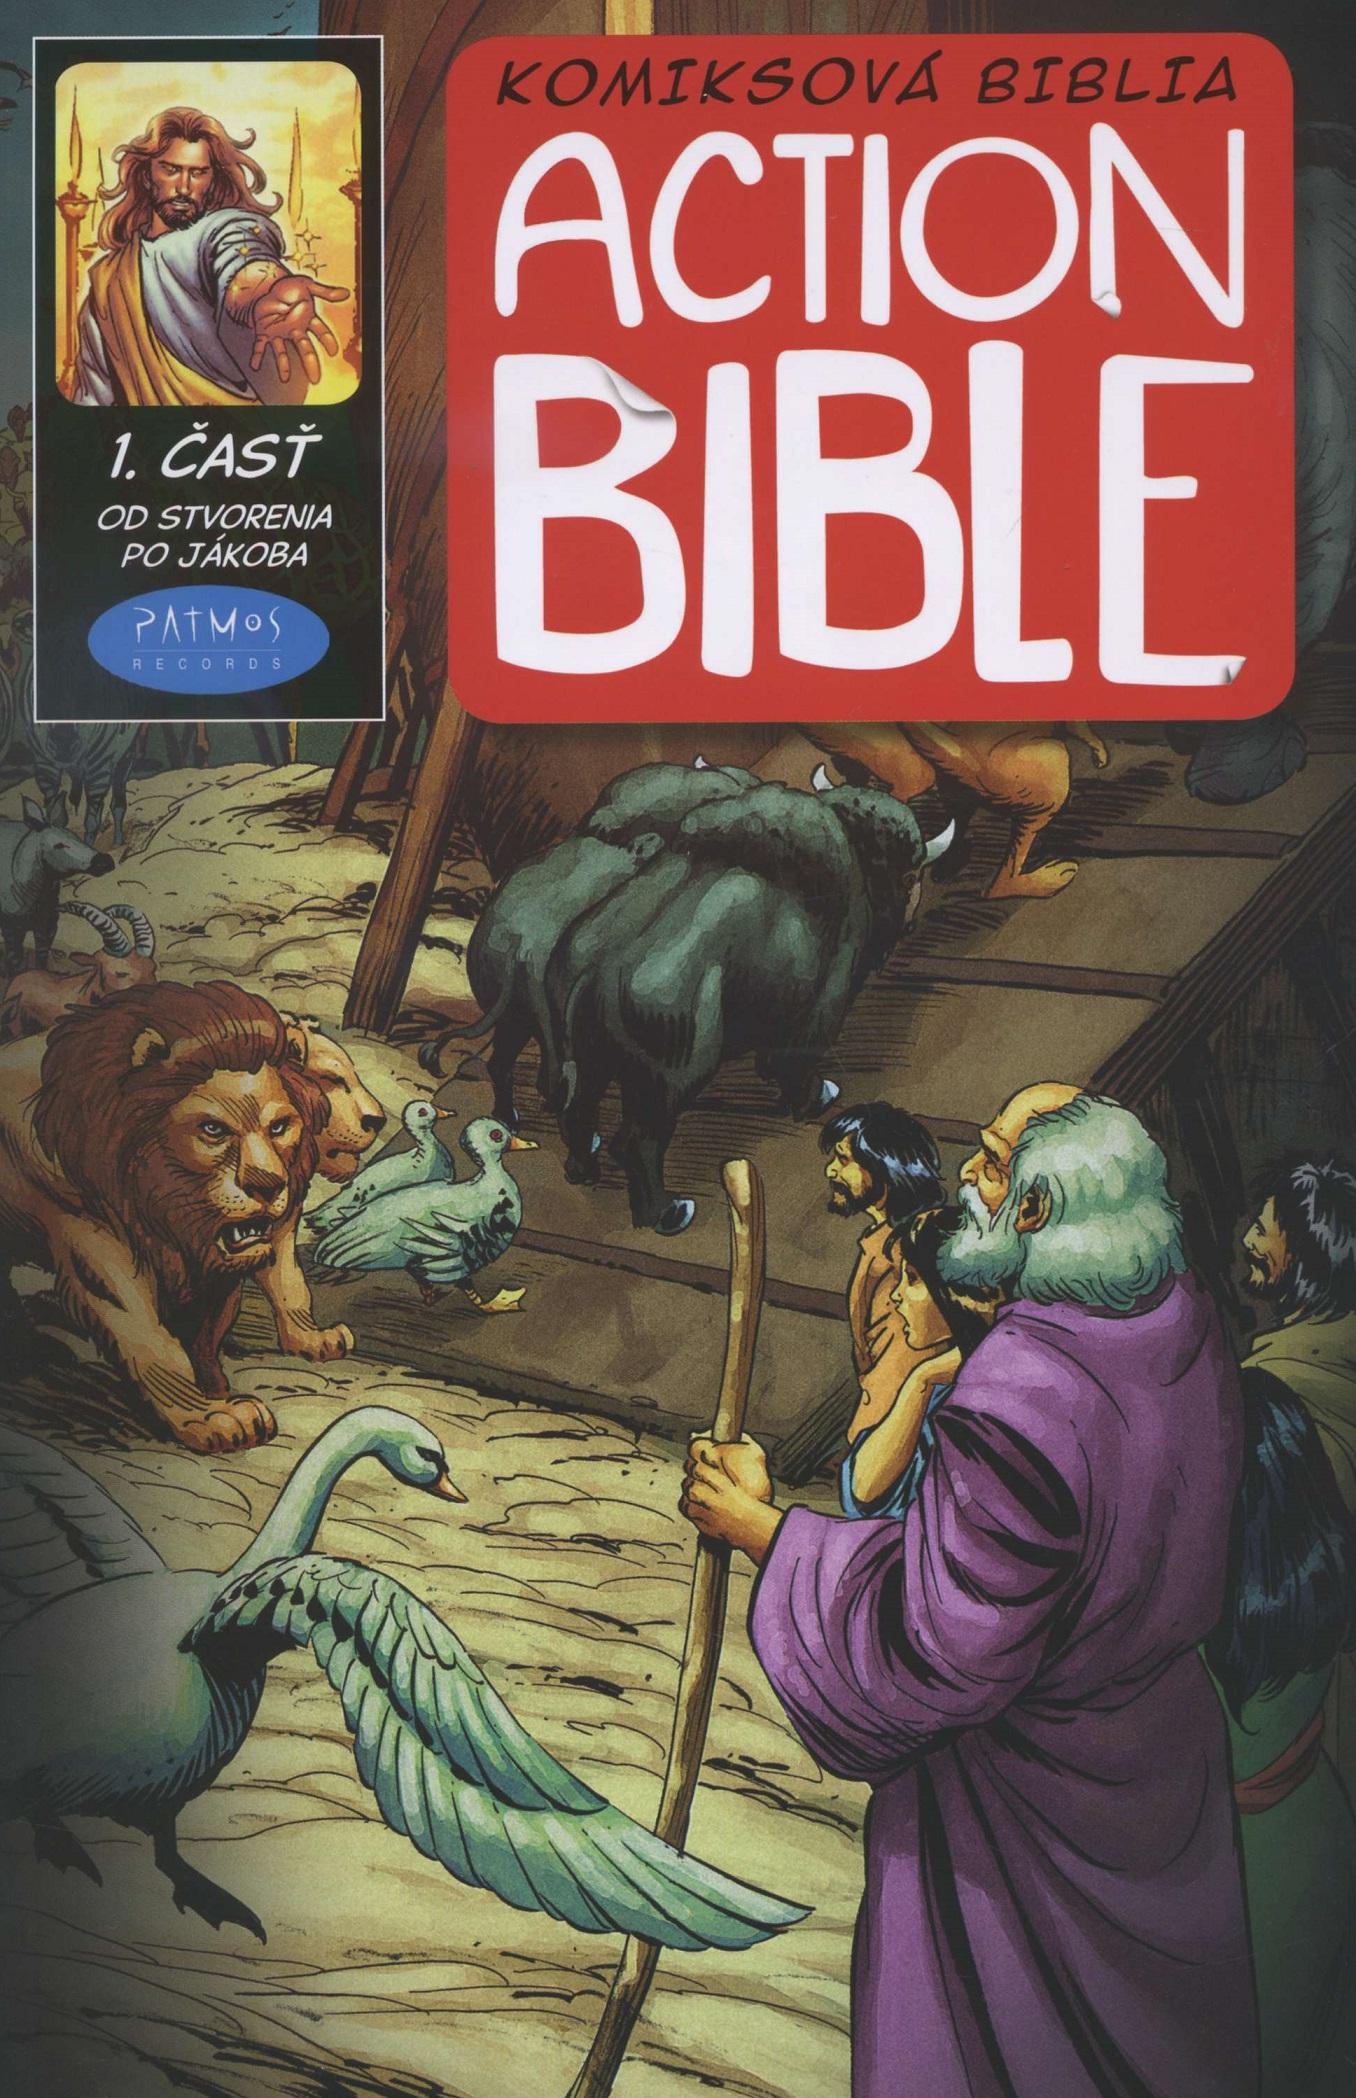 Action Bible 1. časť - komiksová biblia